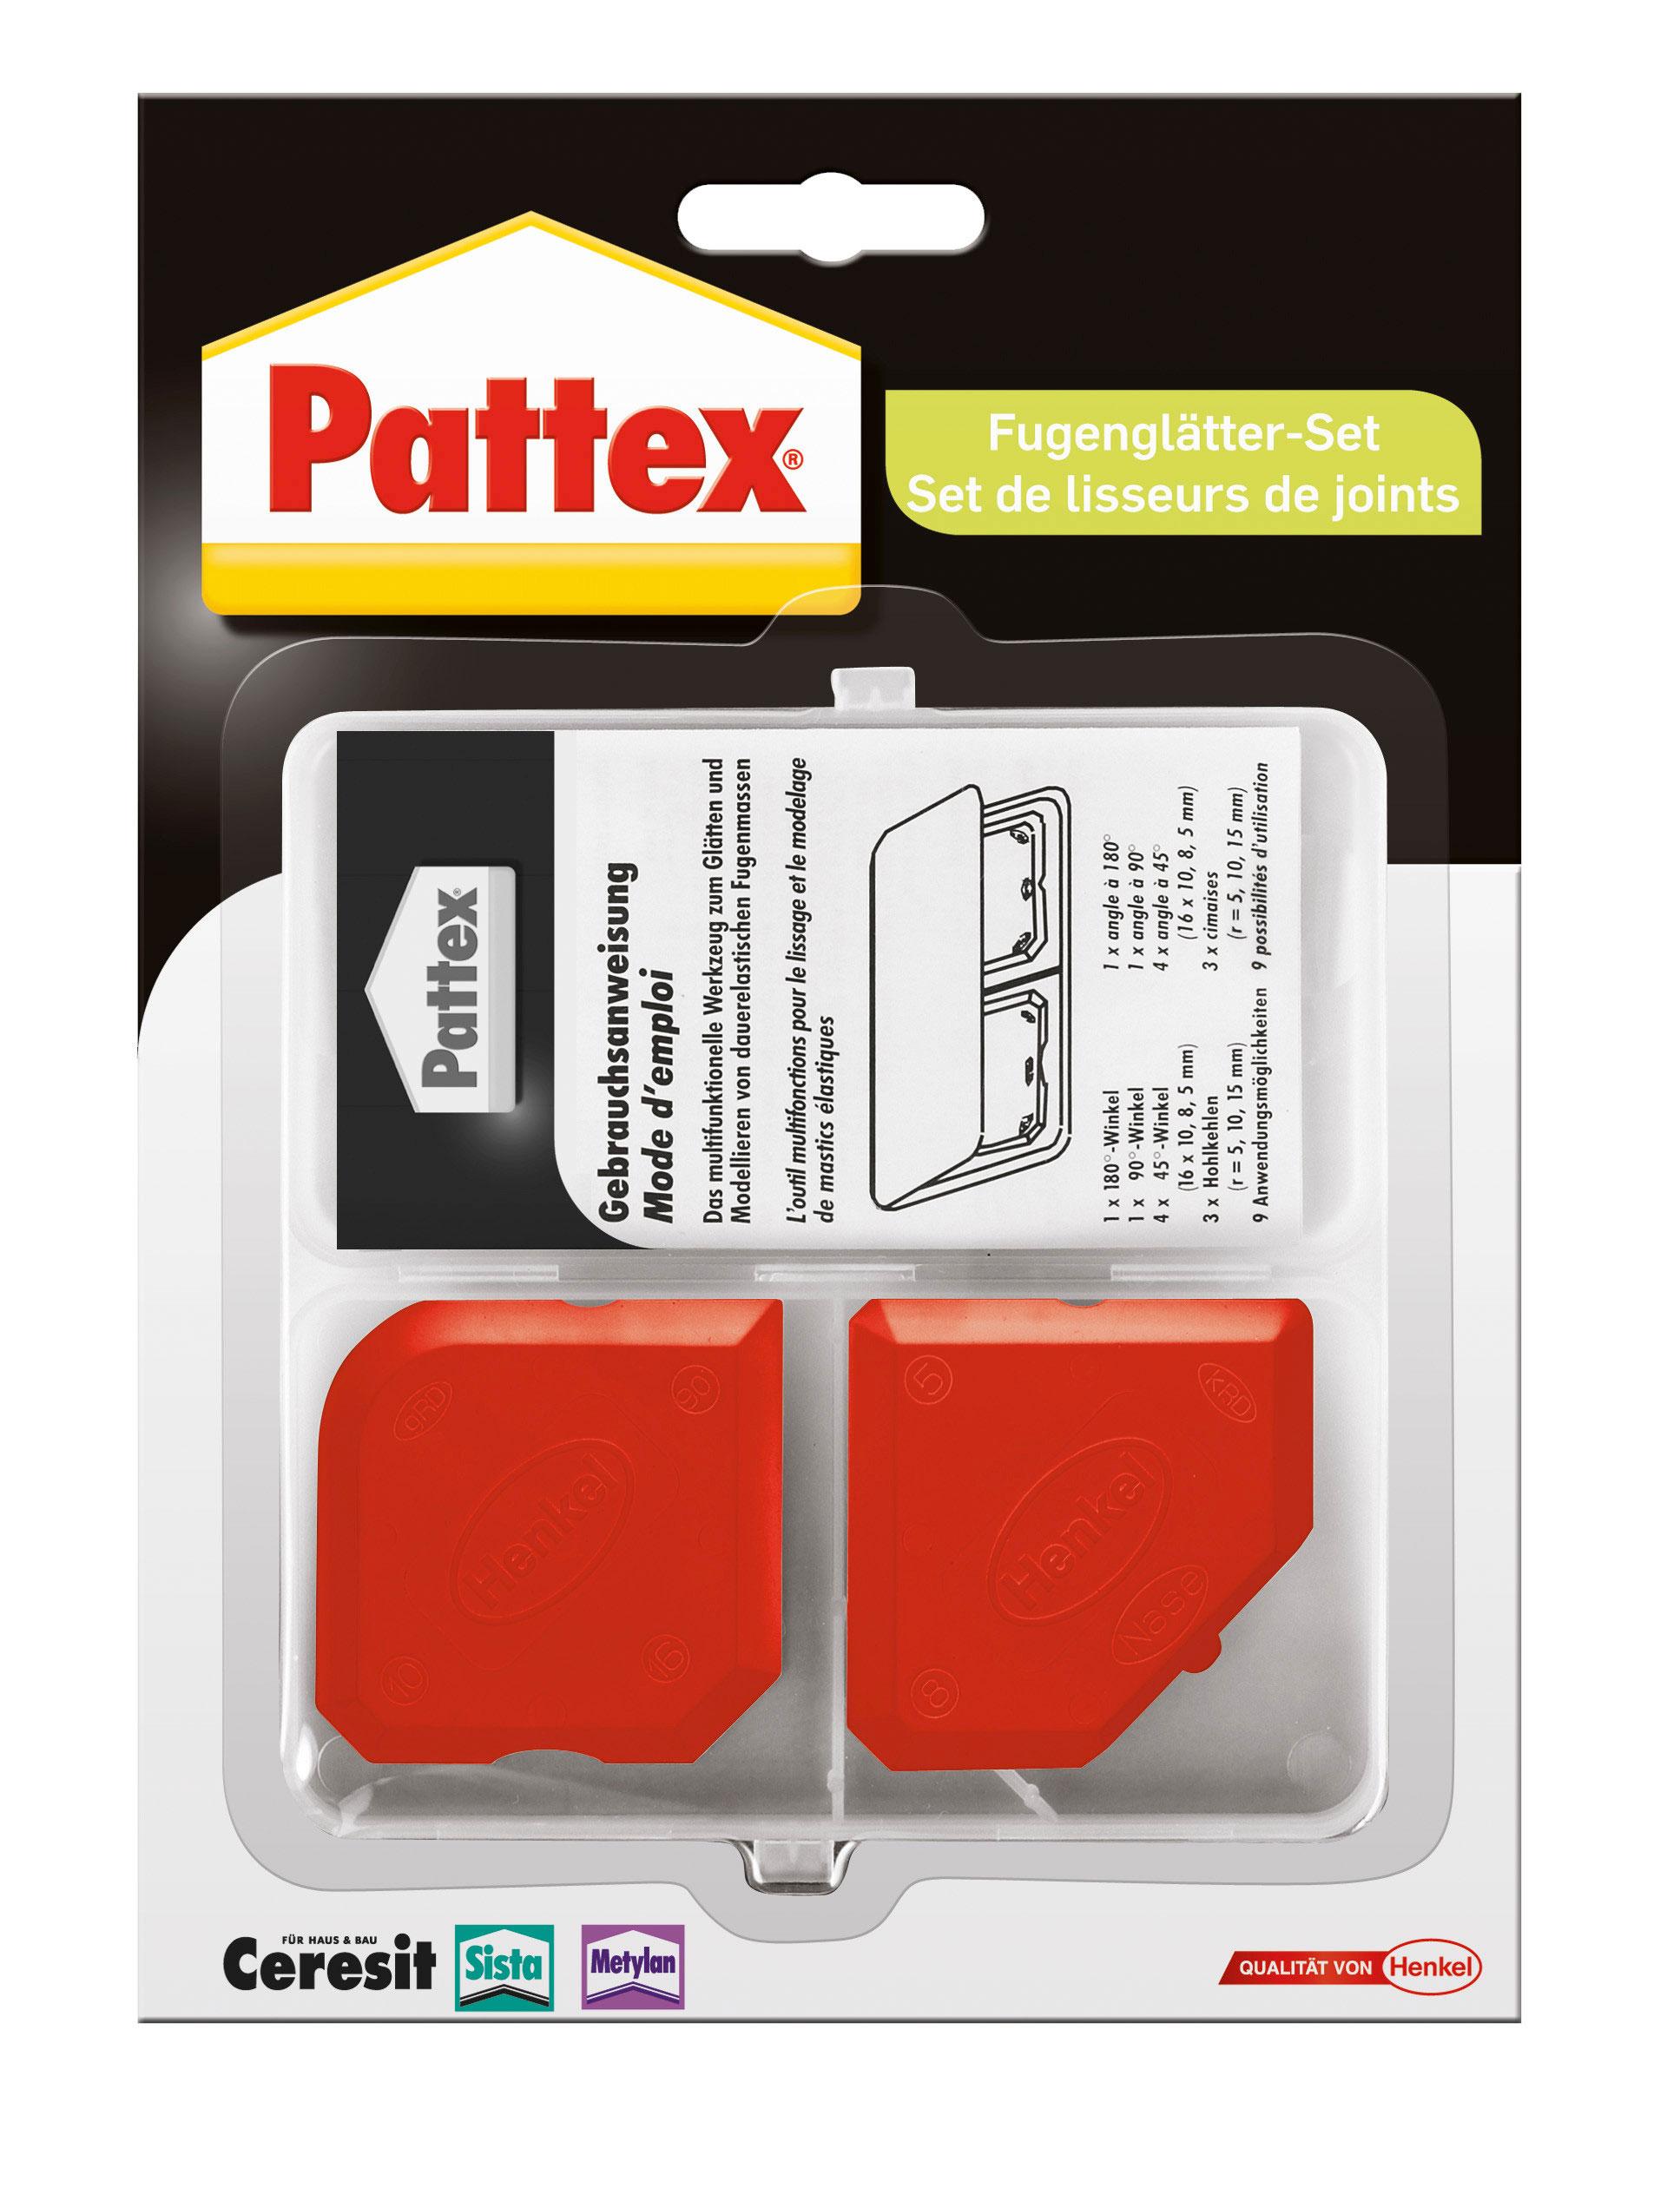 Pattex Werkzeuge / Fugenglätter-Set 2 Stück Bild 1